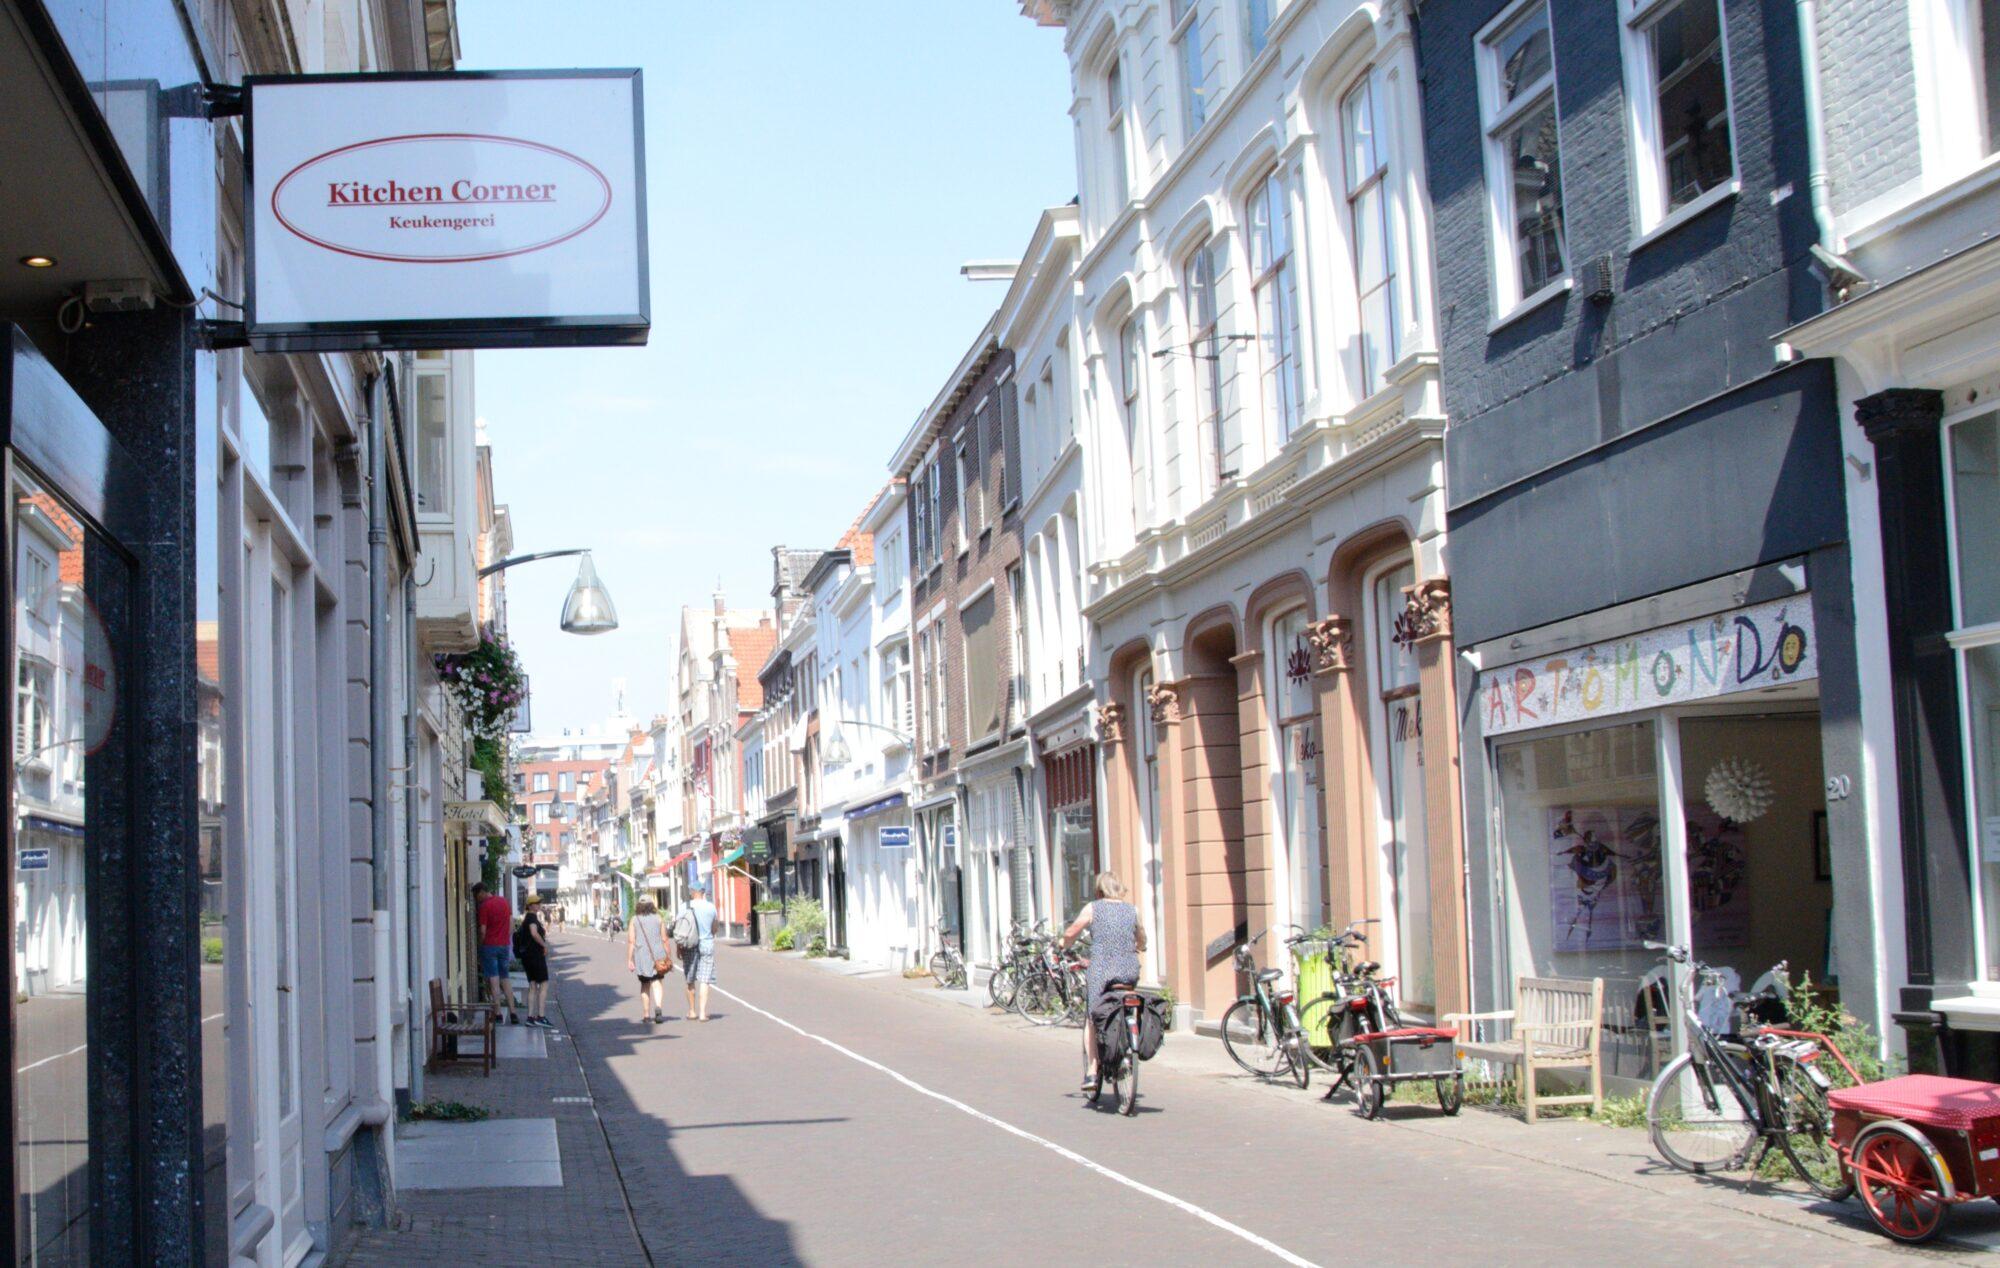 Nieuwstraat en T.G. Gibsonstraat: Veelzijdigheid en specialisatie in één straat